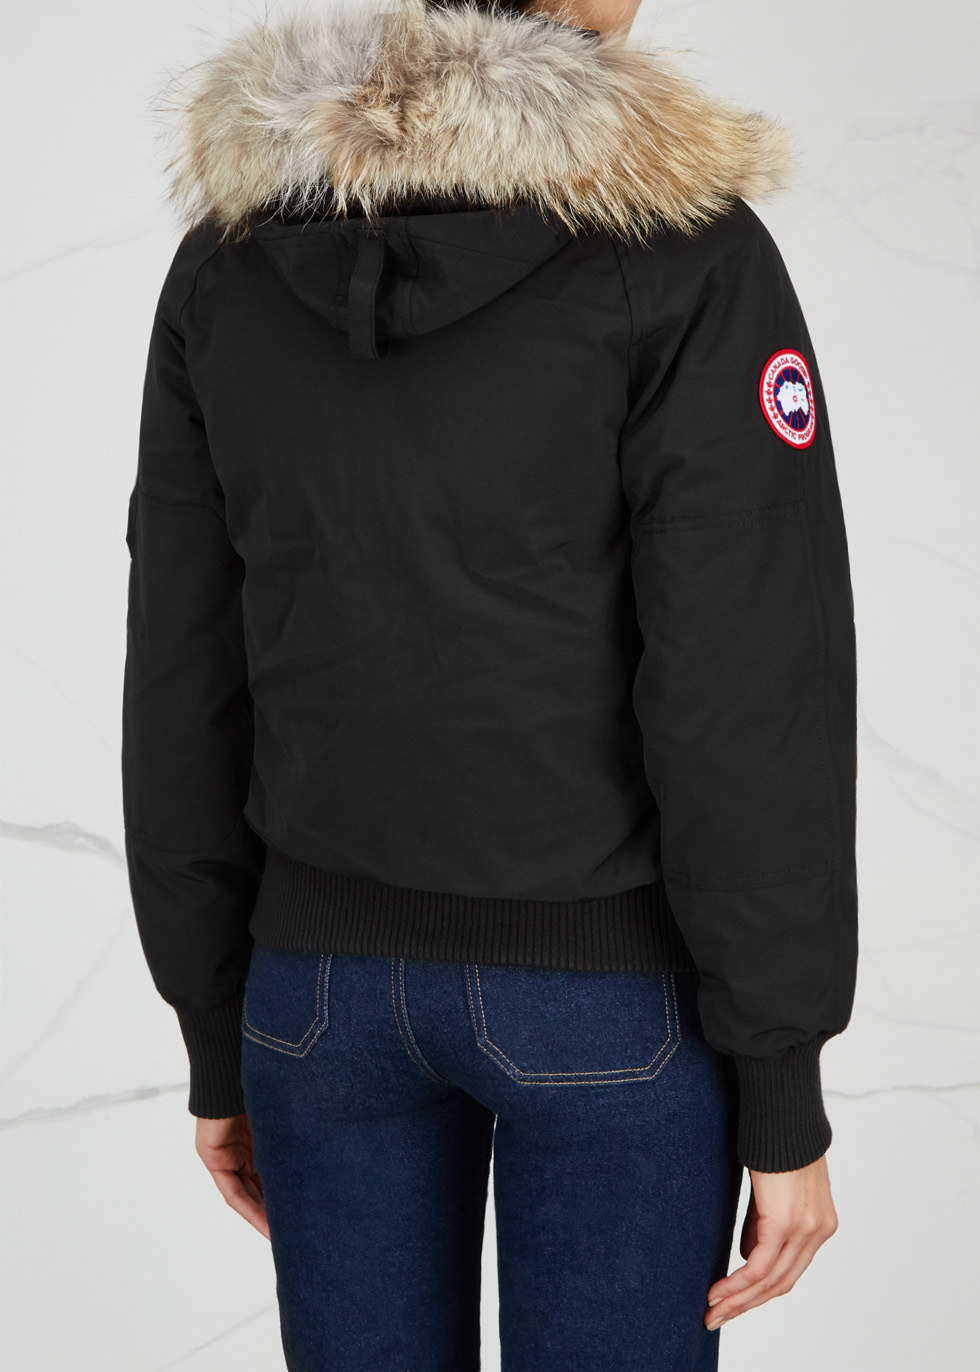 Chilliwack black fur-trimmed jacket - Canada Goose